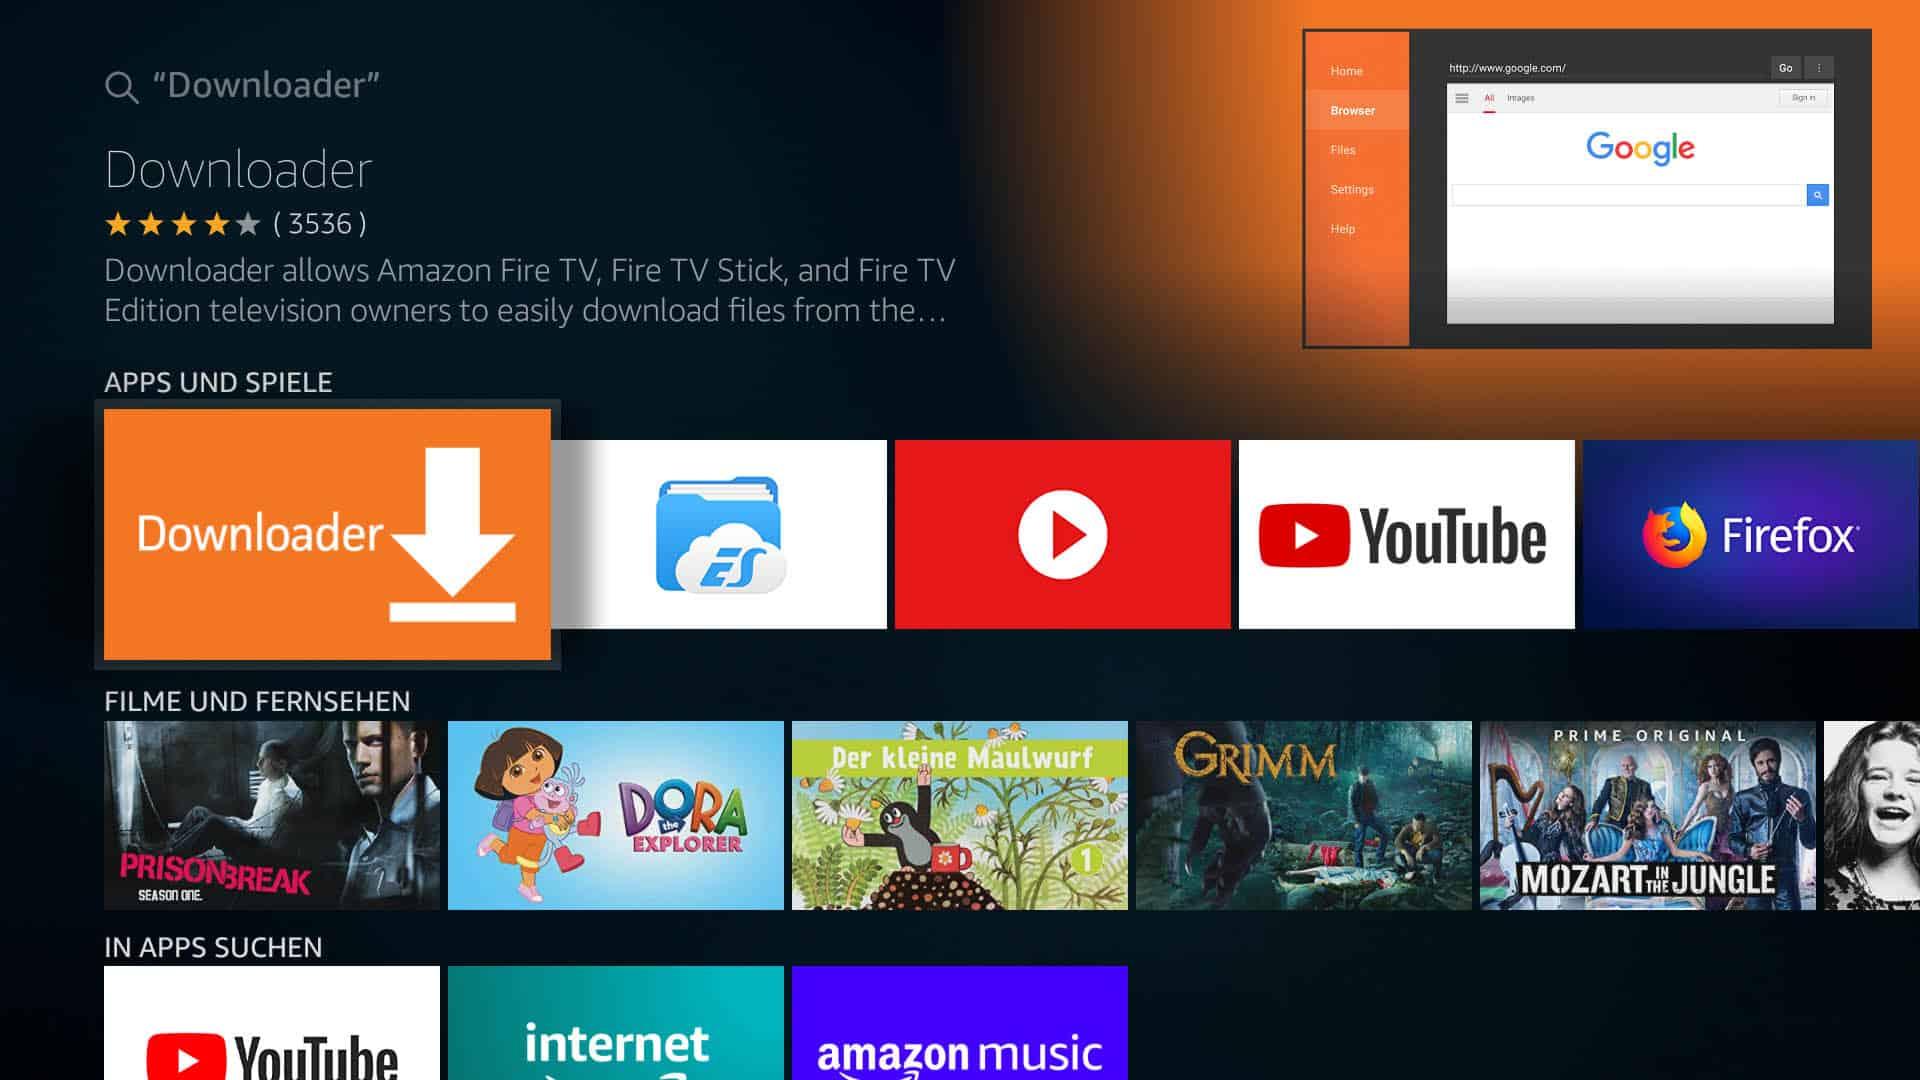 Kodi auf Amazon Fire TV installieren - so einfach gehts!